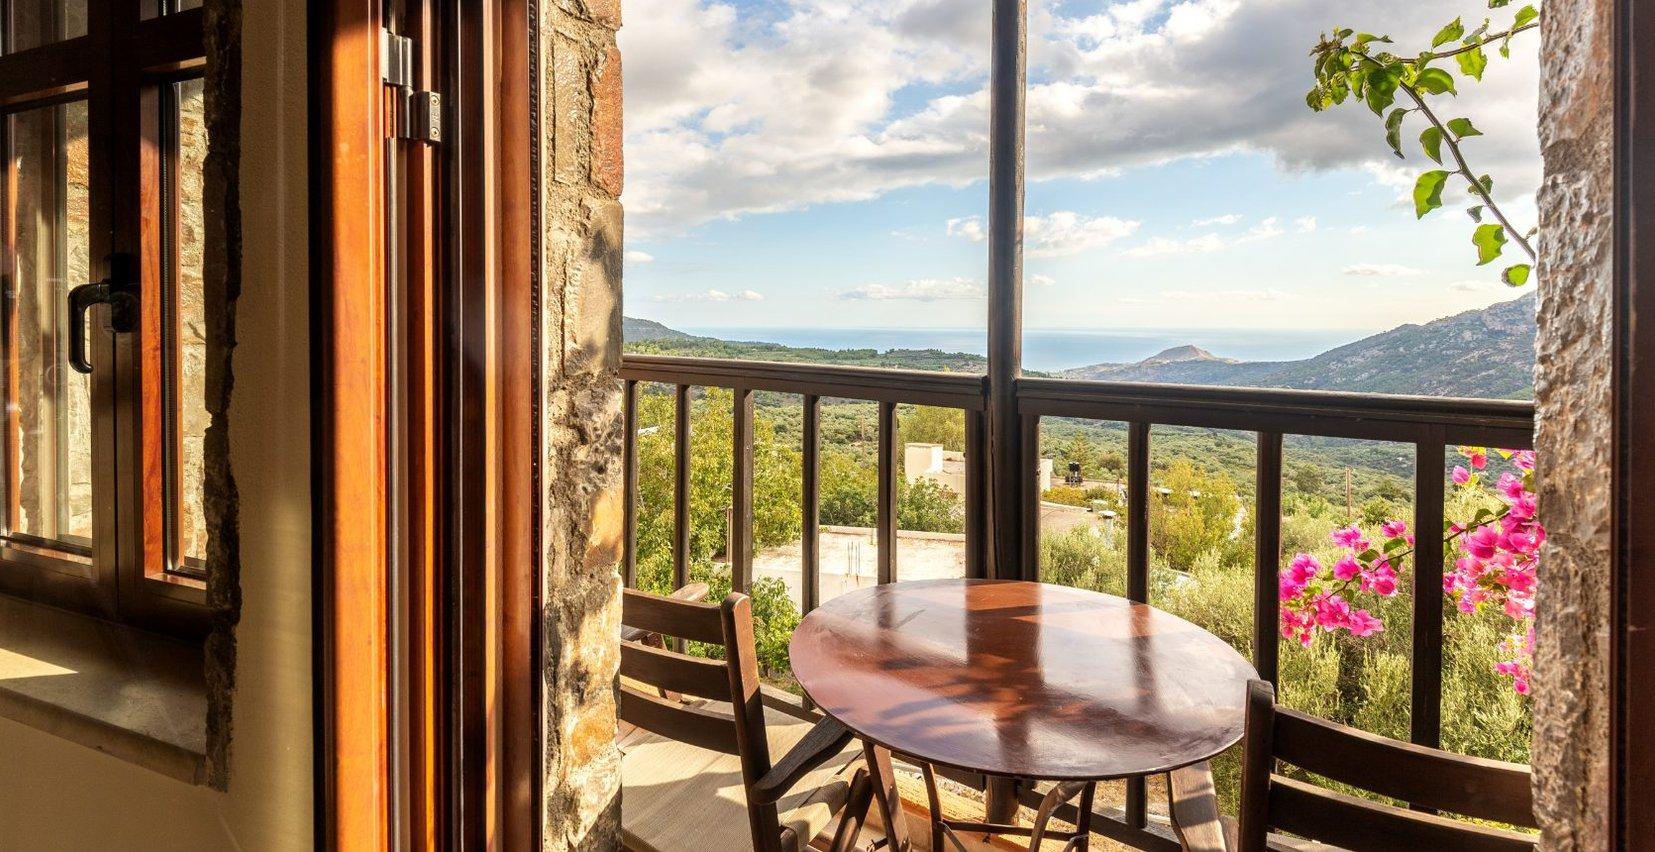 Η θέα στα βουνά των Μαλών και την θάλασσα από το μπαλκόνι της κατοικίας